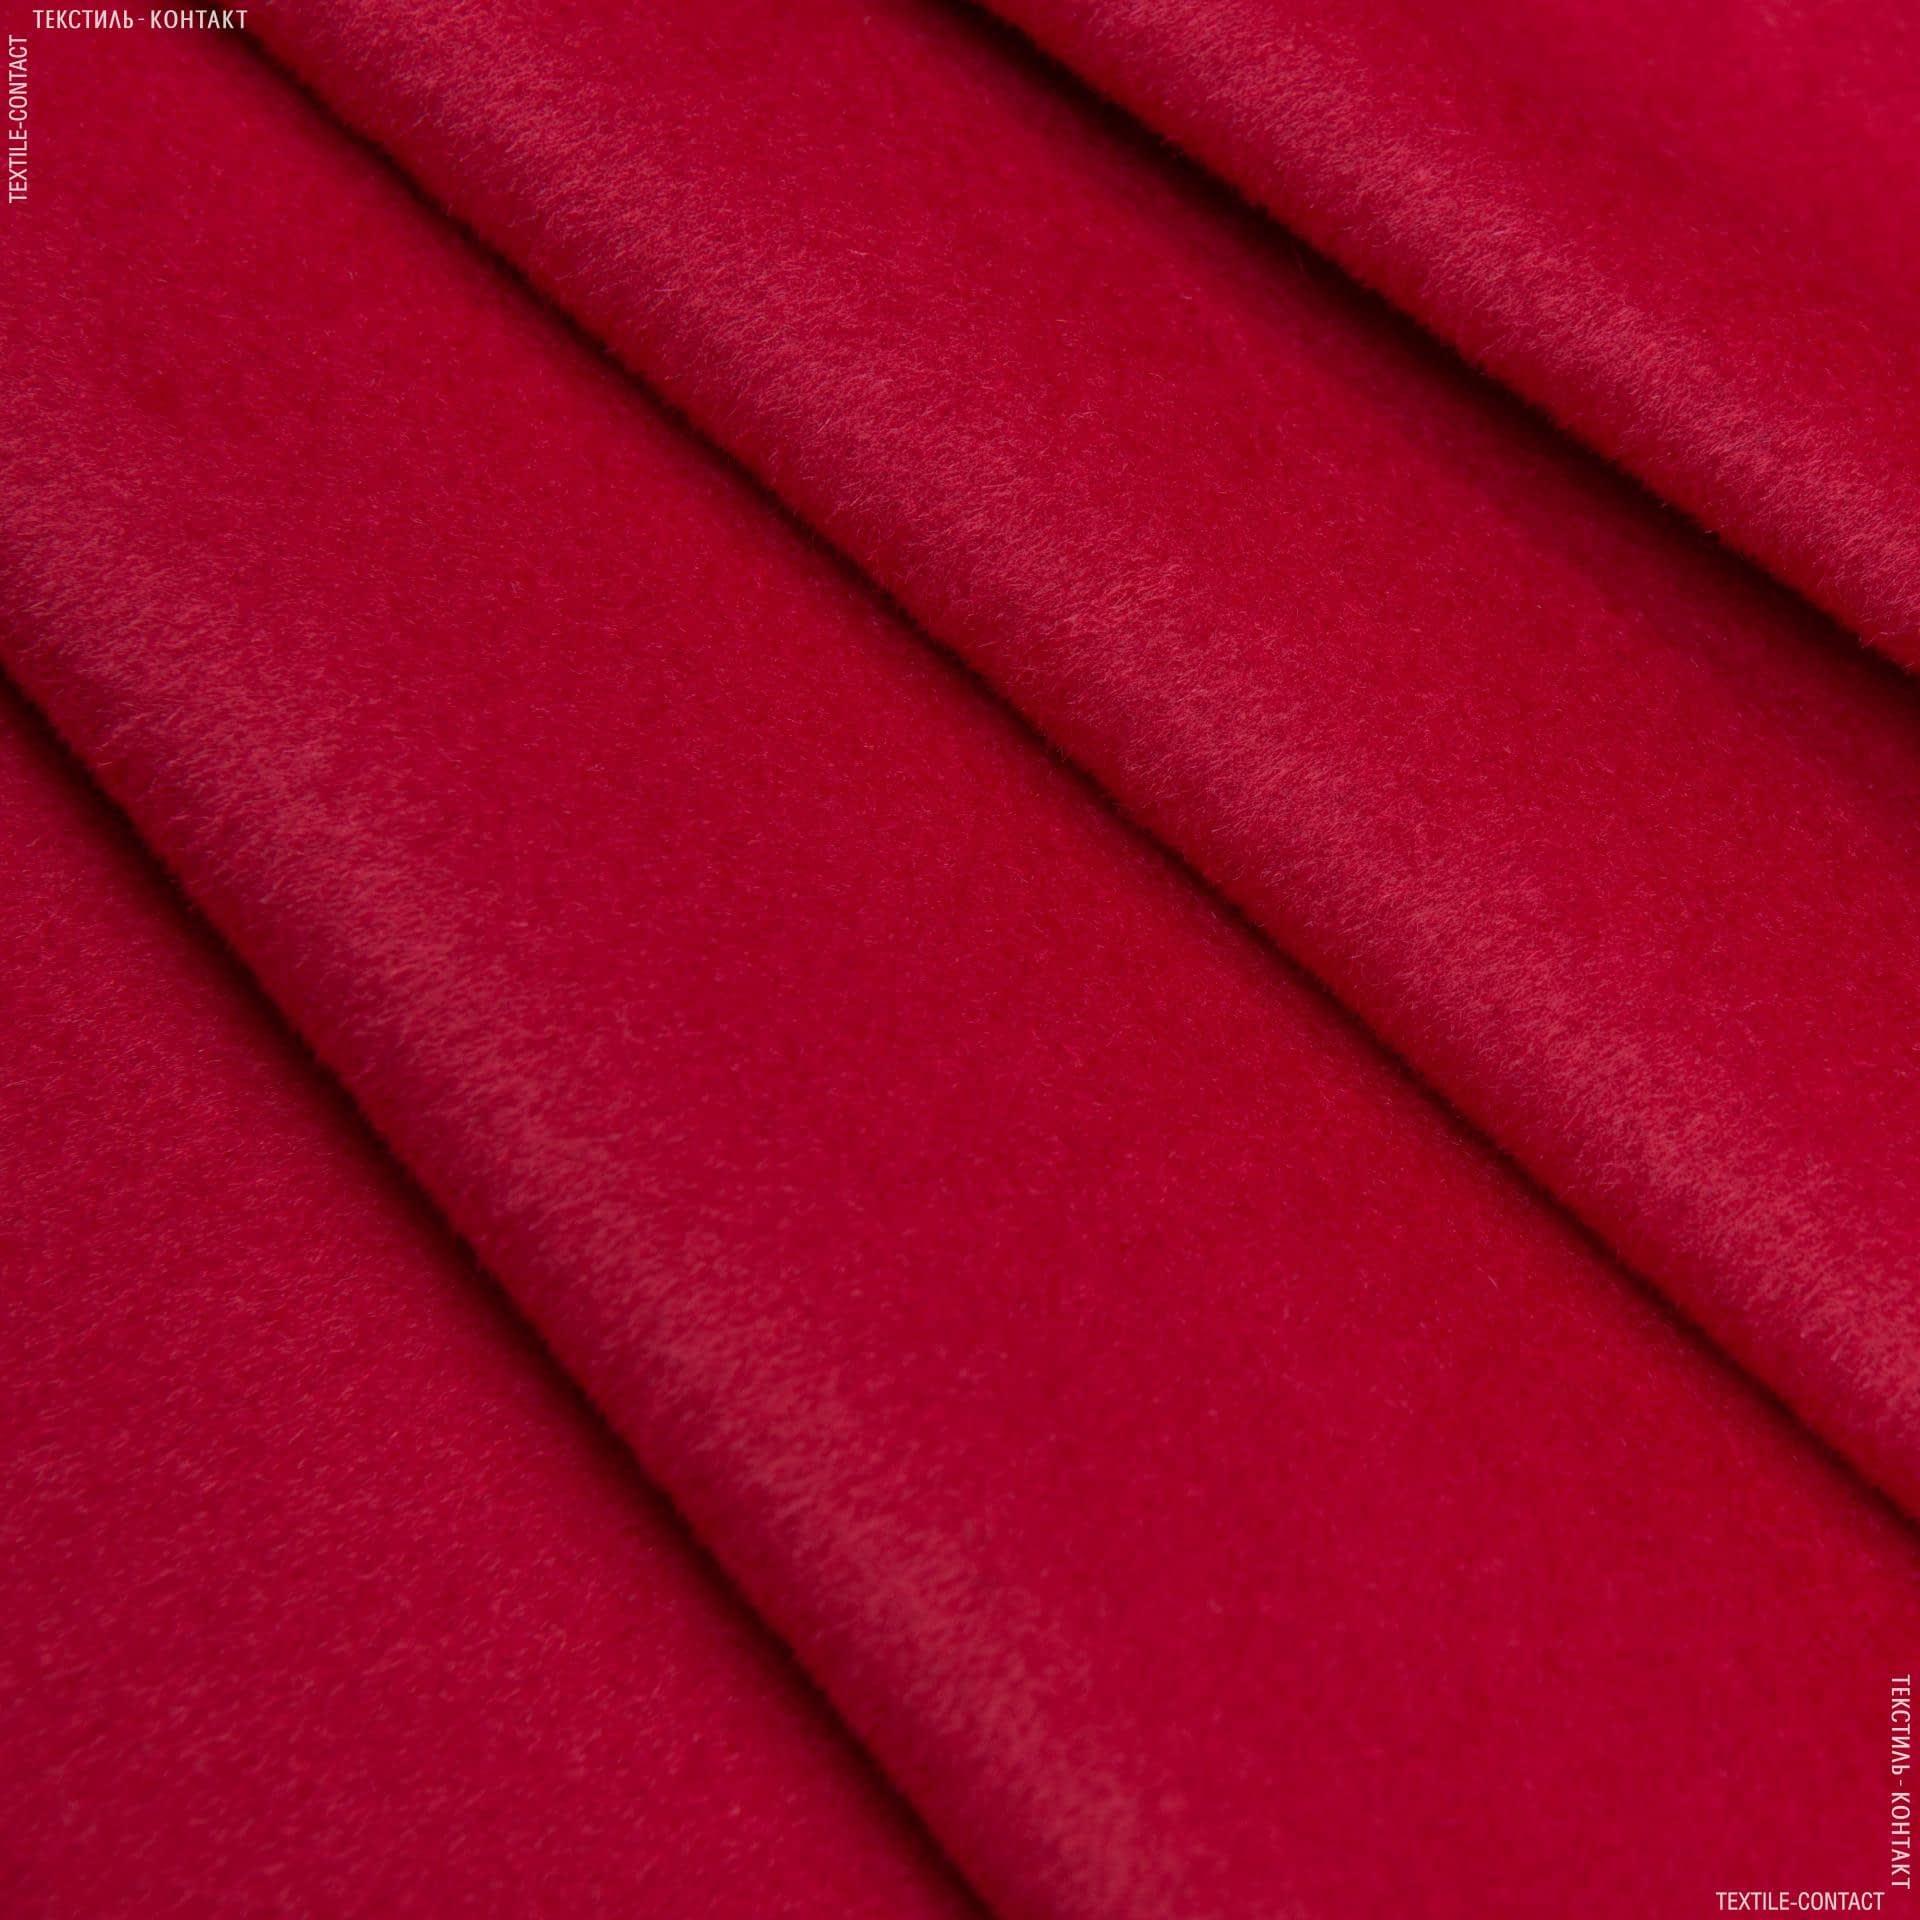 Ткани для верхней одежды - Пальтовая ворсовая красный